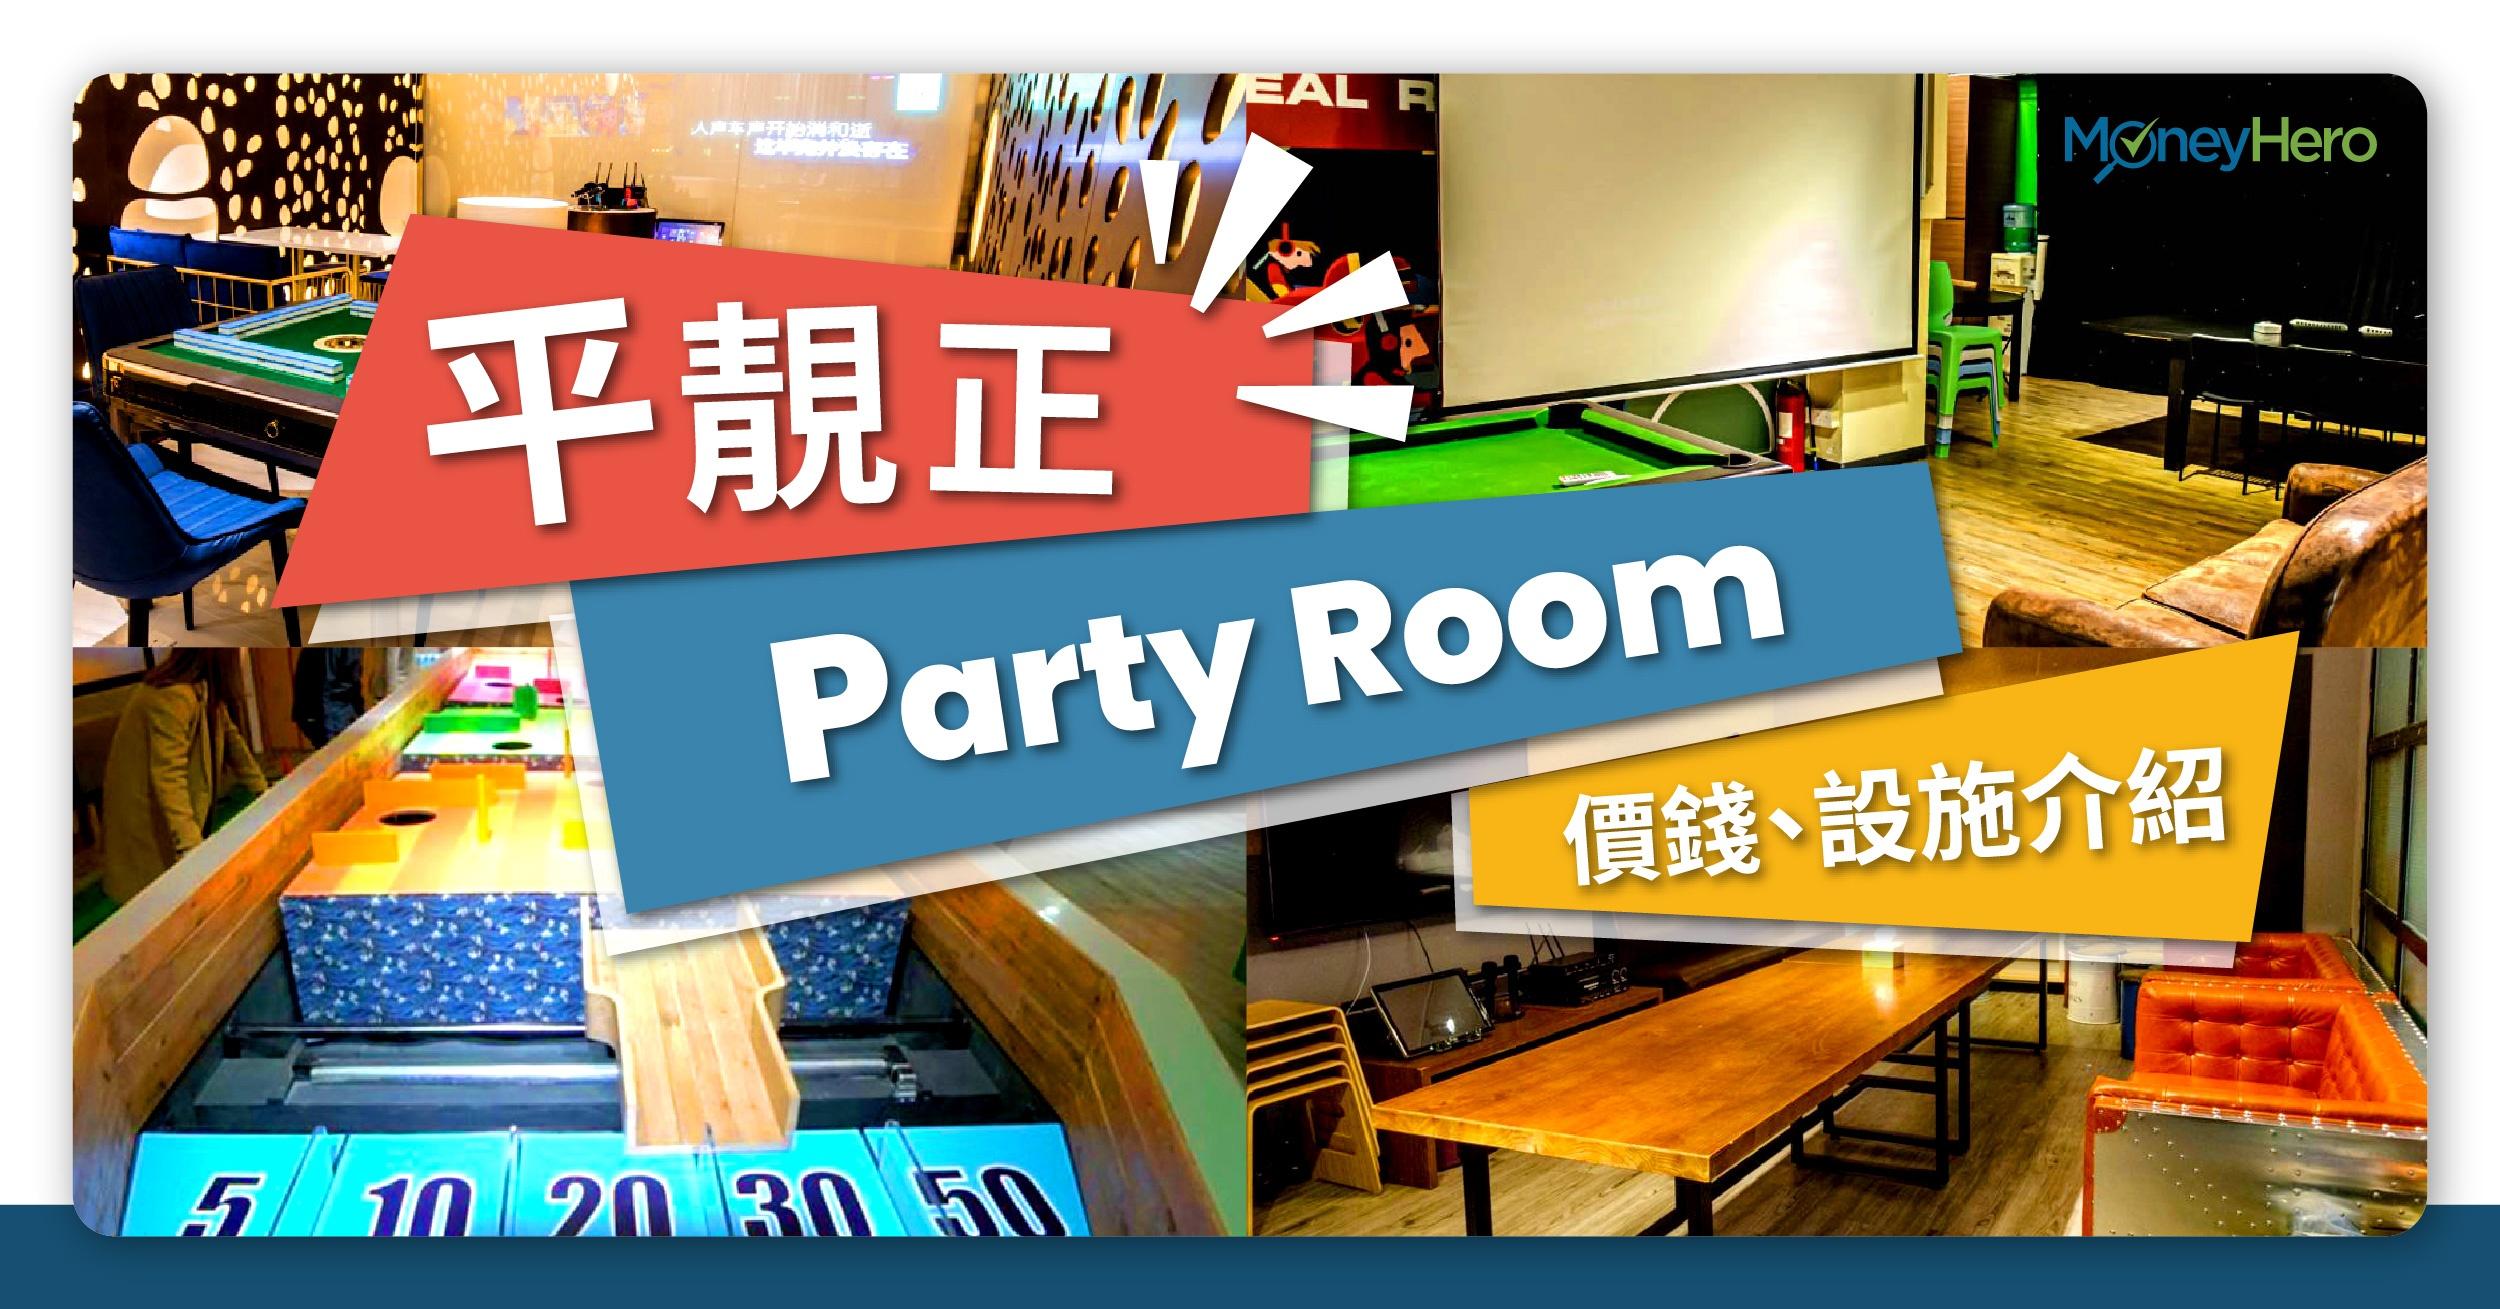 「邊爐群組」觀塘Party Room結業 店東變賣傢俬電器